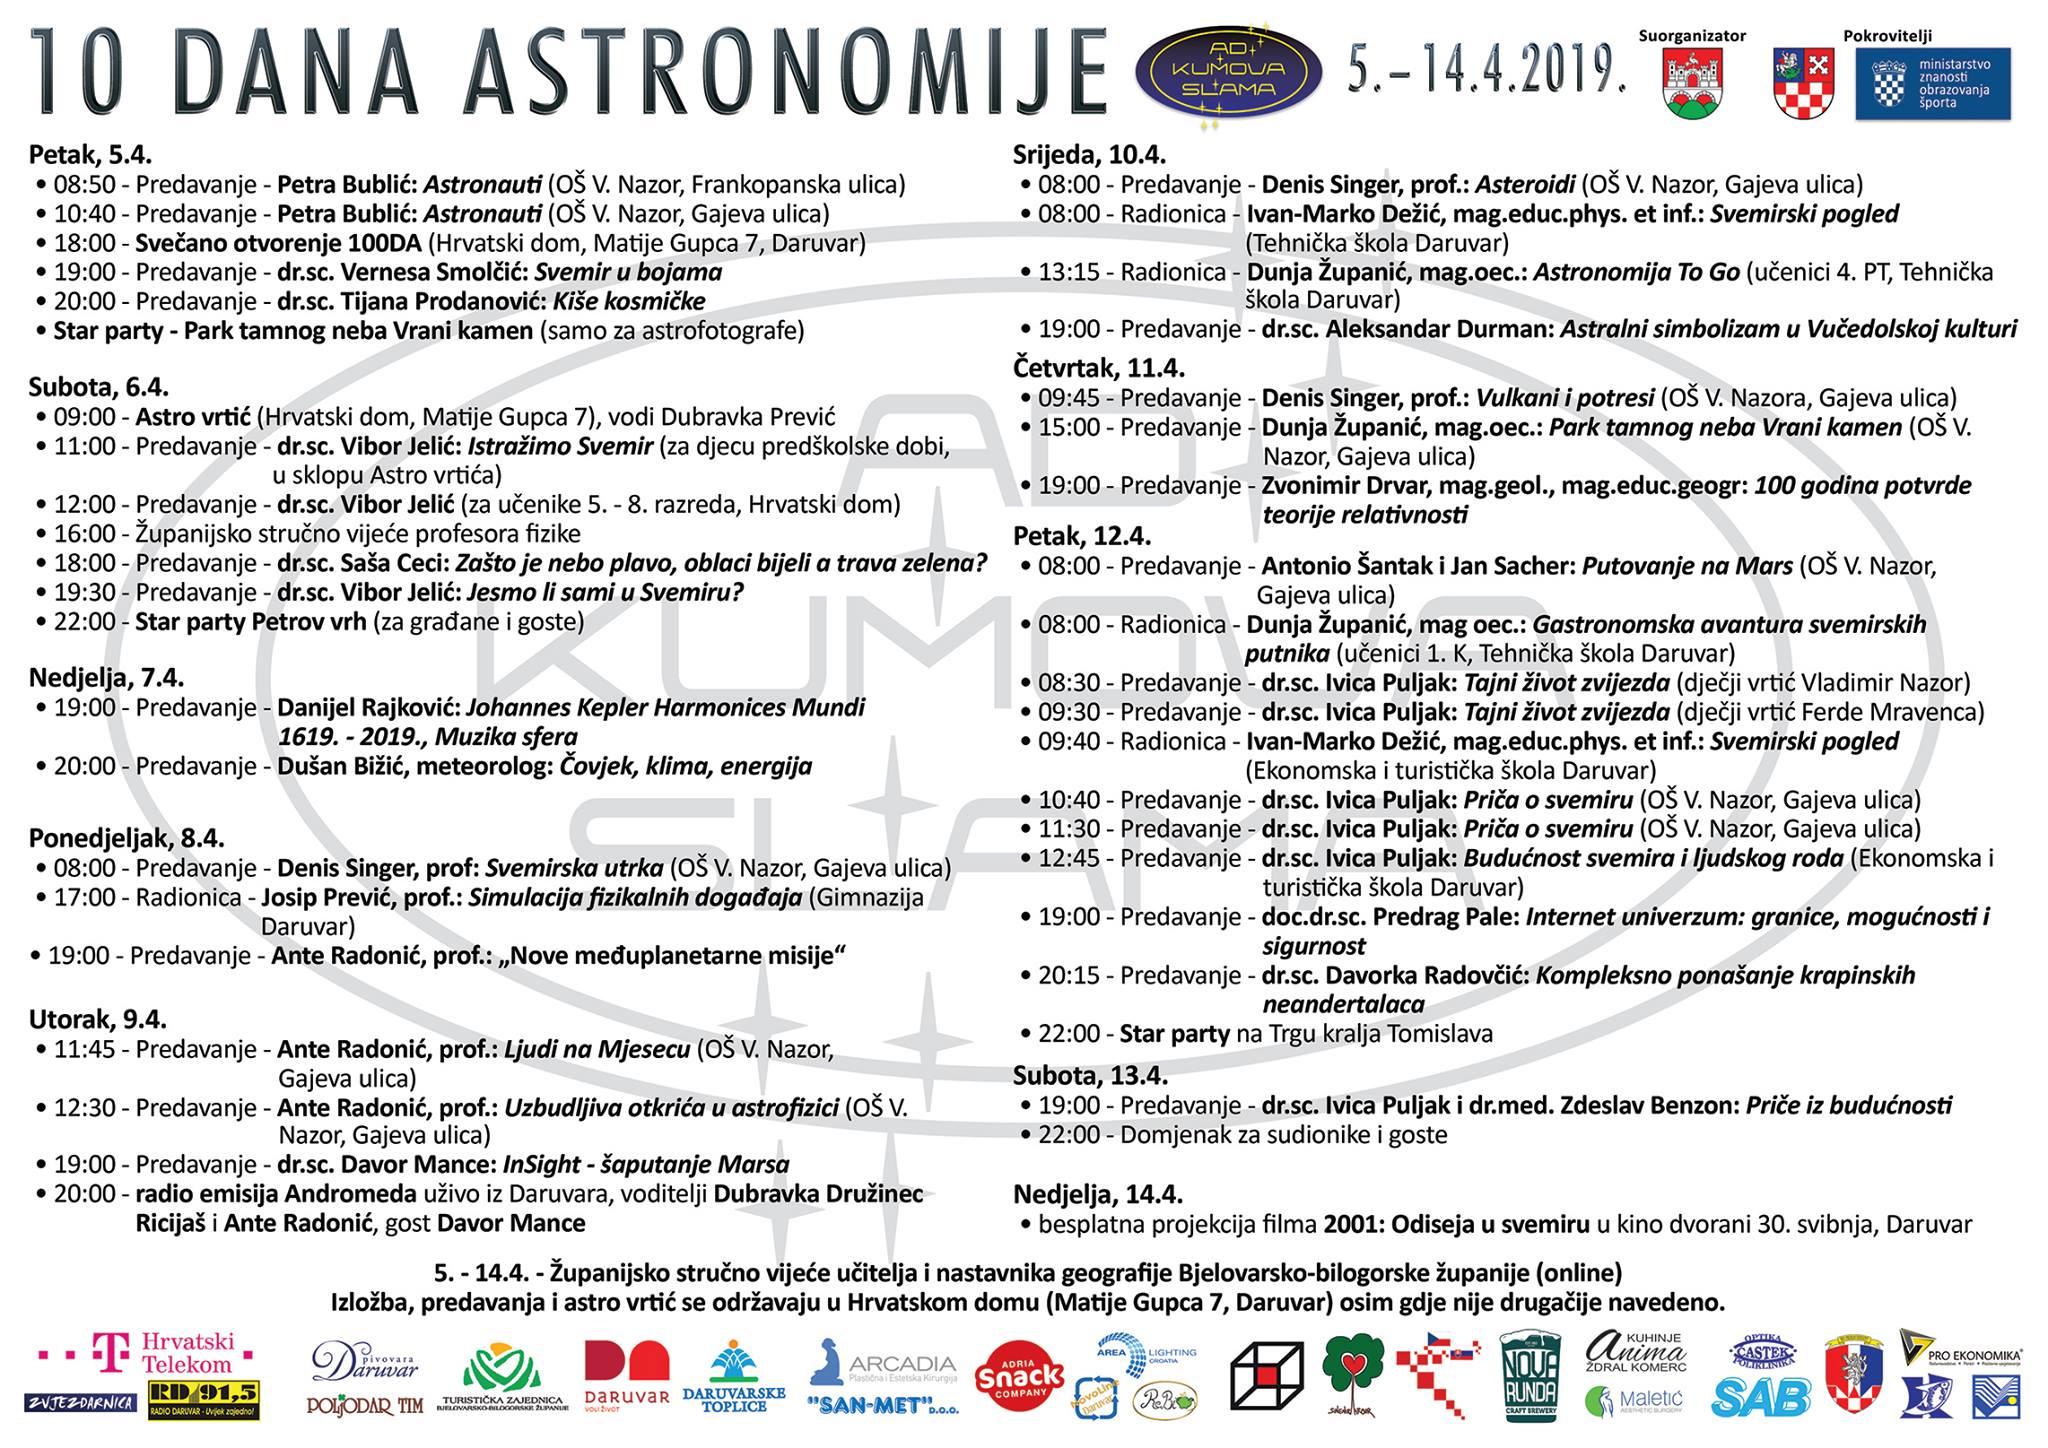 10_dana_astronomije_2019_raspored.jpg